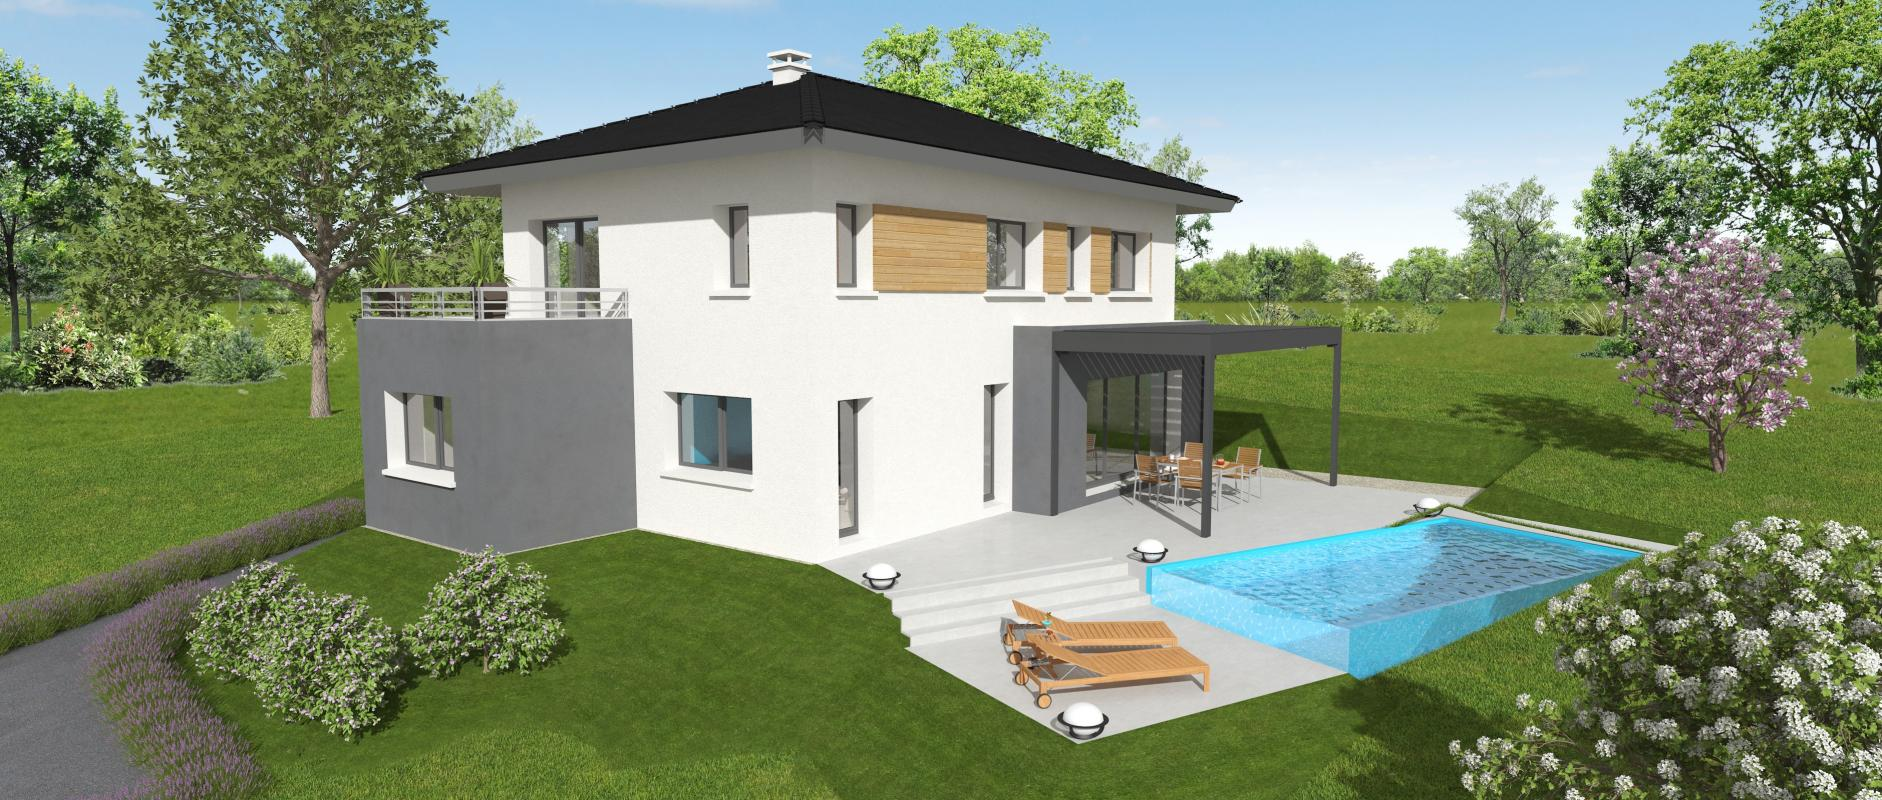 Maisons + Terrains du constructeur MAISONS ALAIN METRAL • 120 m² • MAXILLY SUR LEMAN